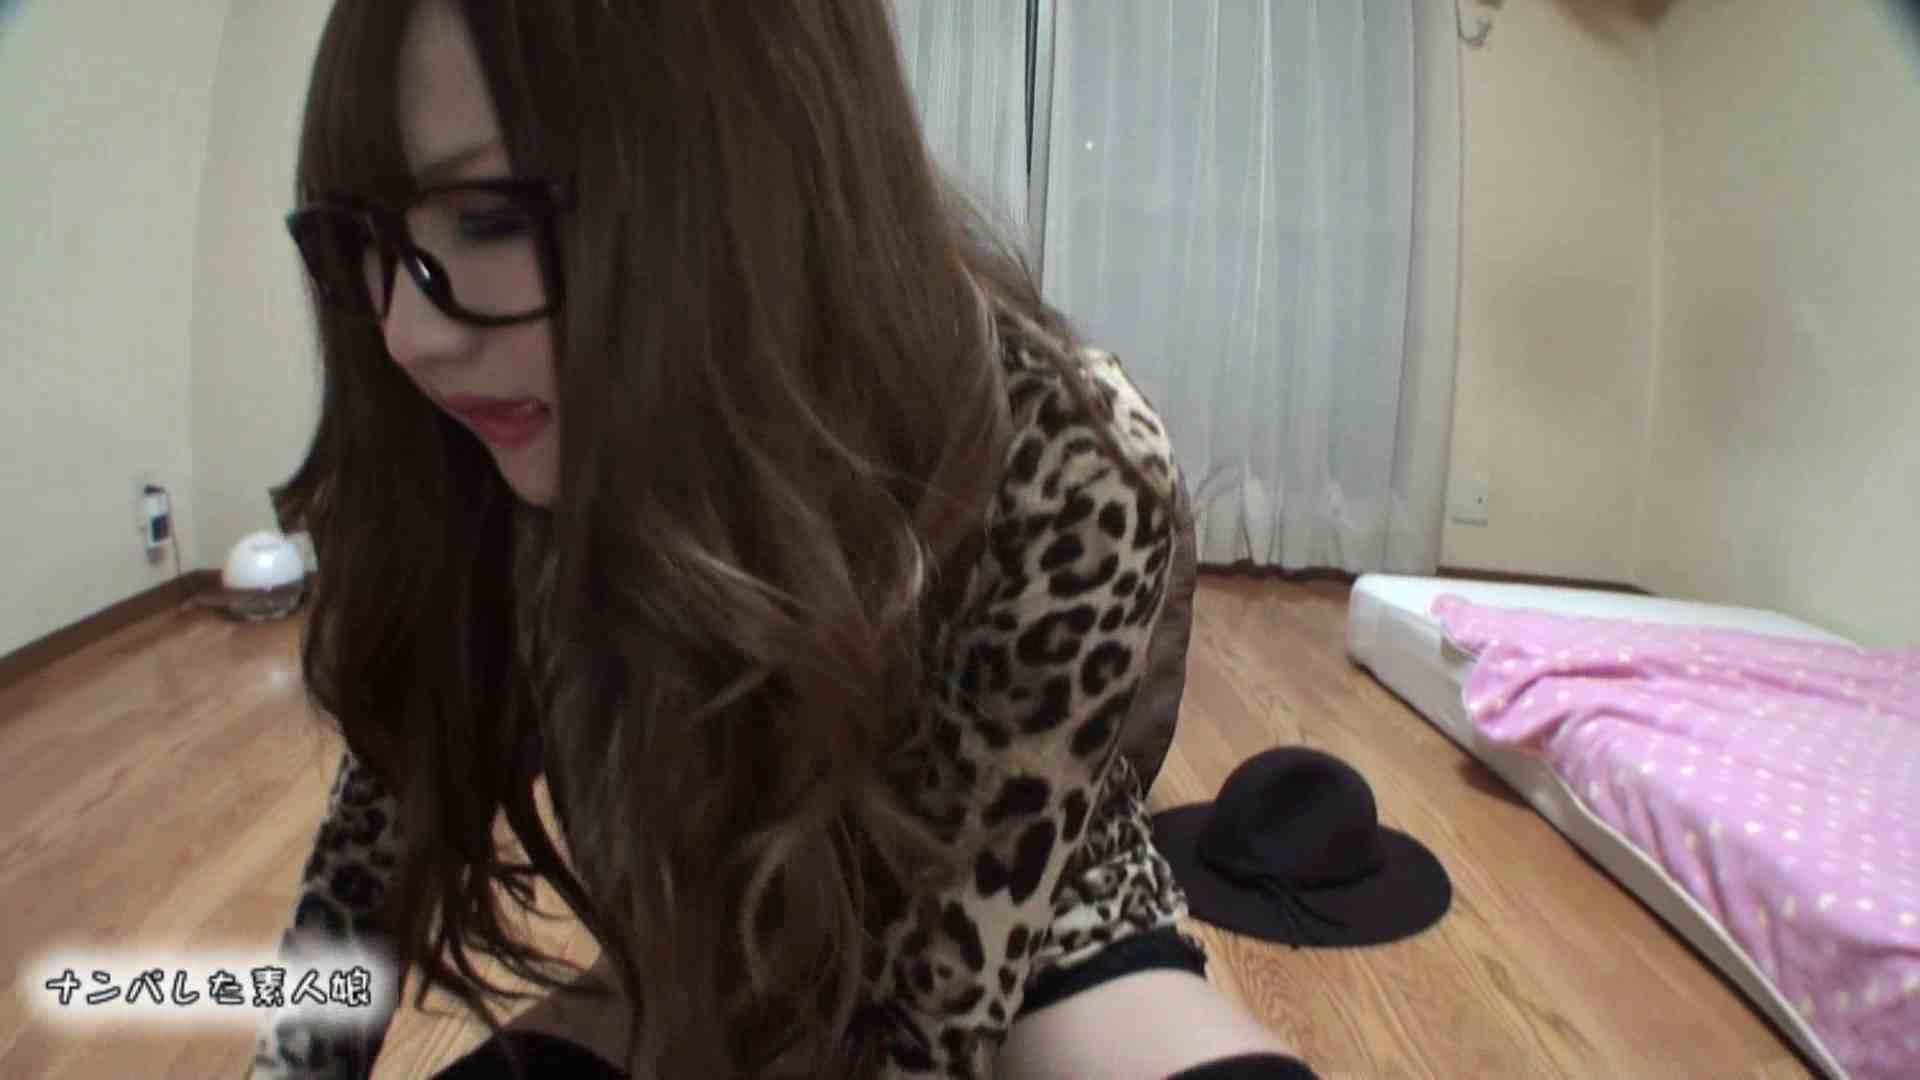 No.2のん19歳 部屋に連れ込んでインタビュー ナンパ | 素人ギャル女  57連発 17